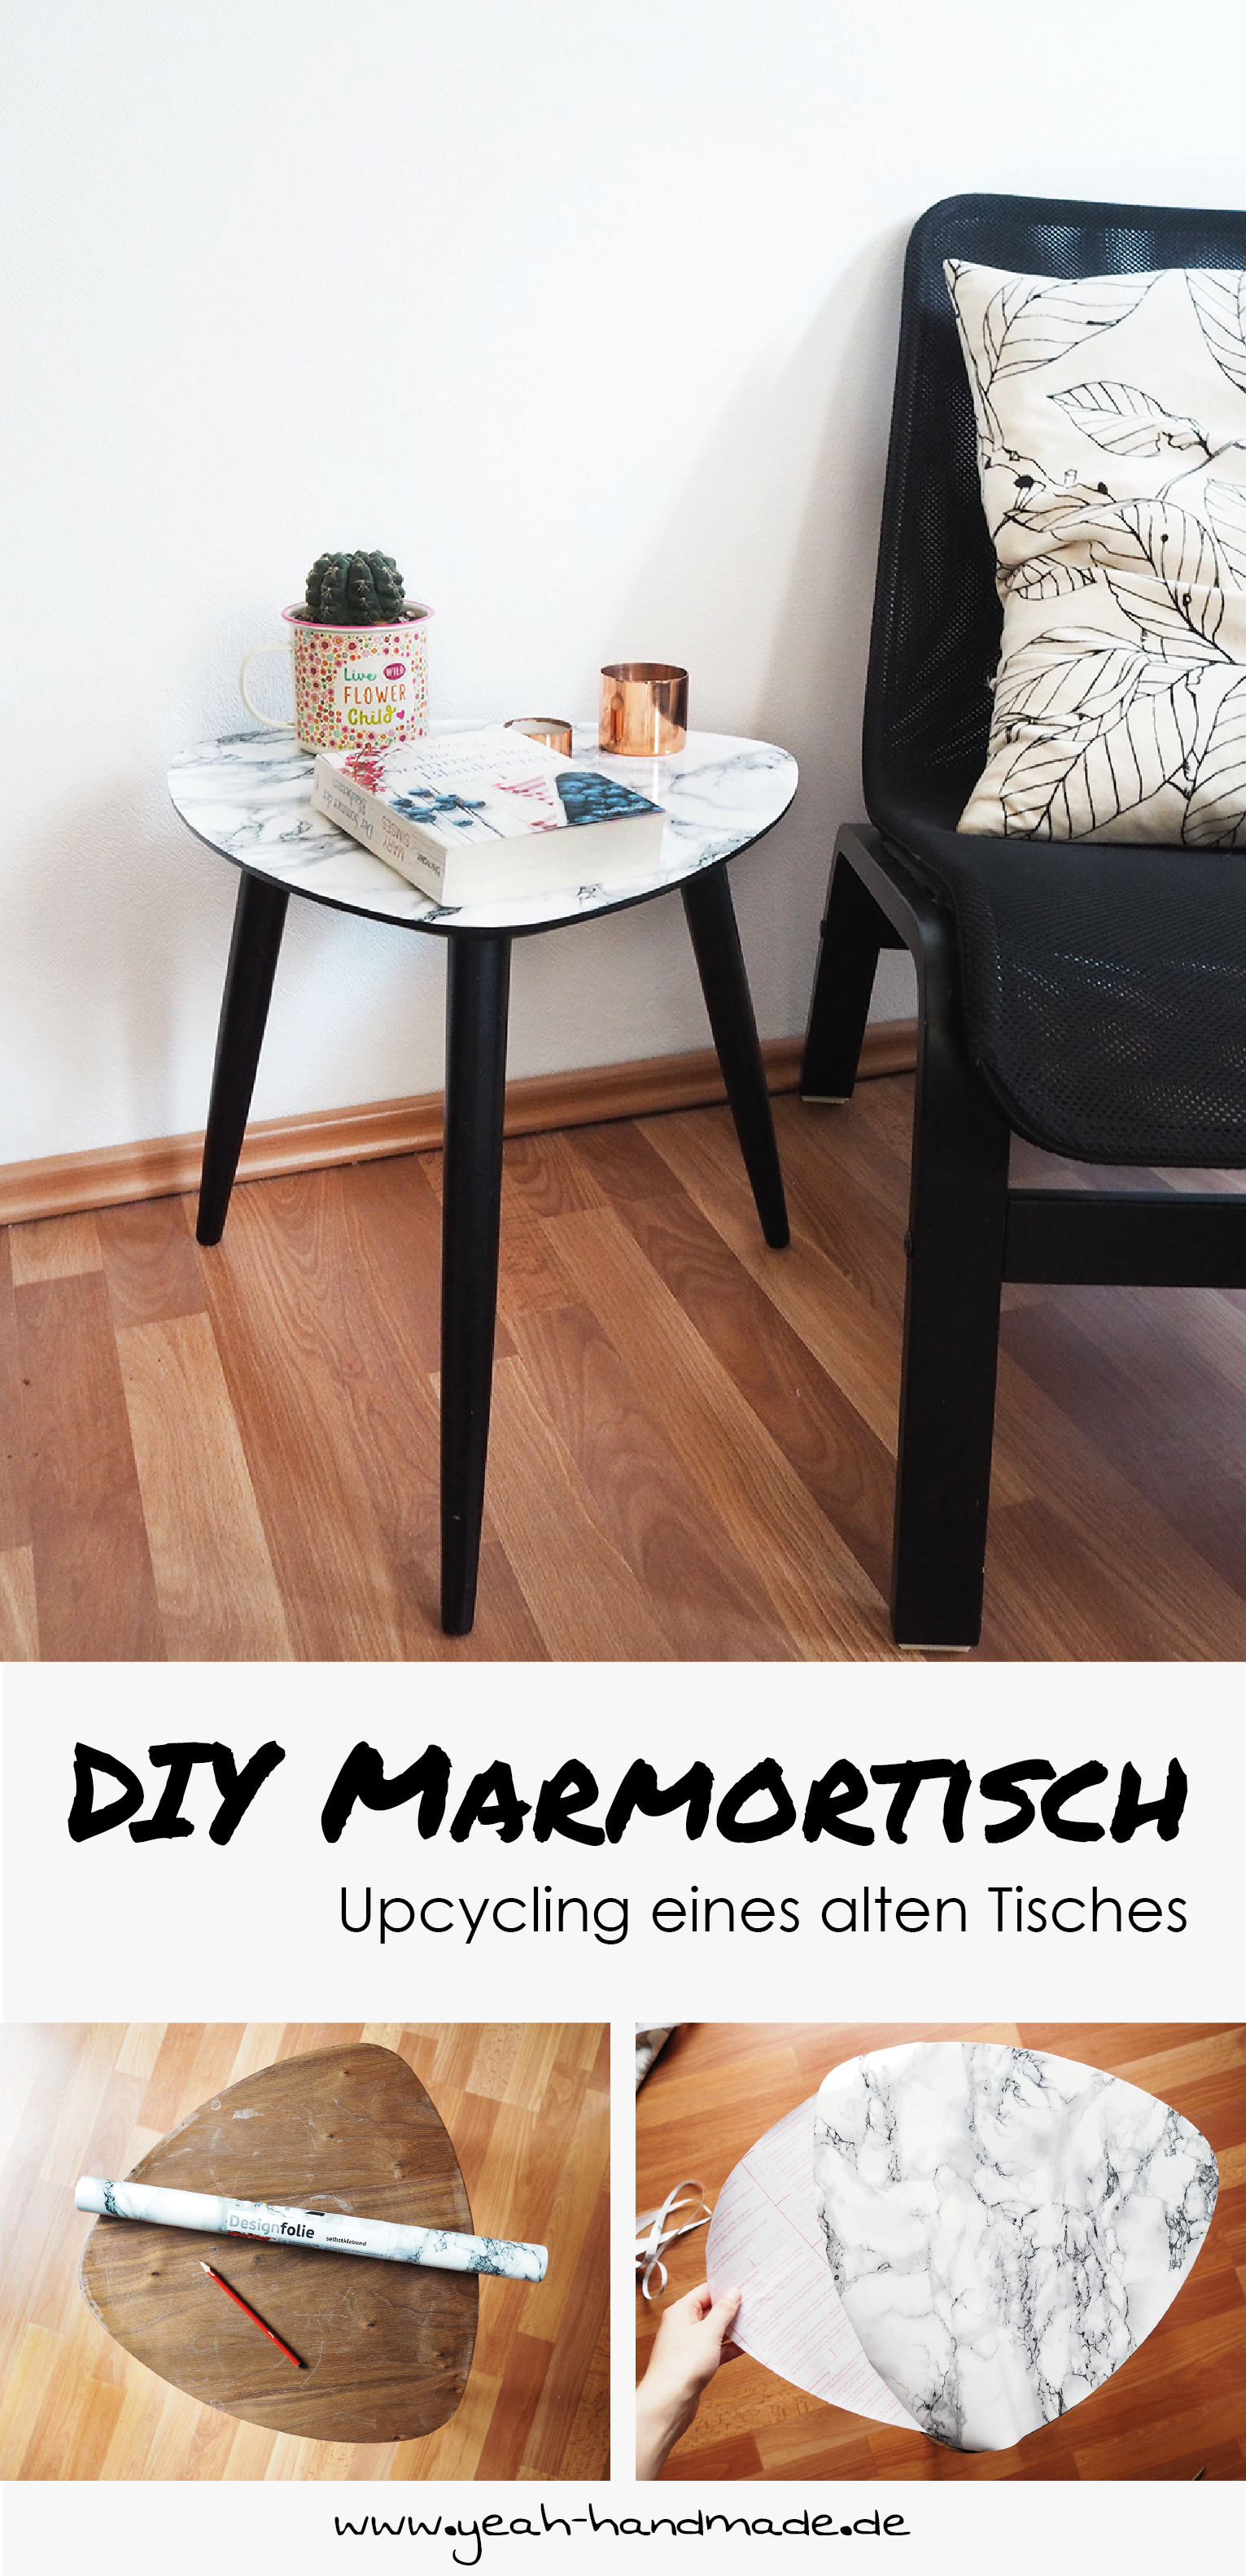 DIY Marmortisch selbermachen: Upcycling eines alten, kleinen